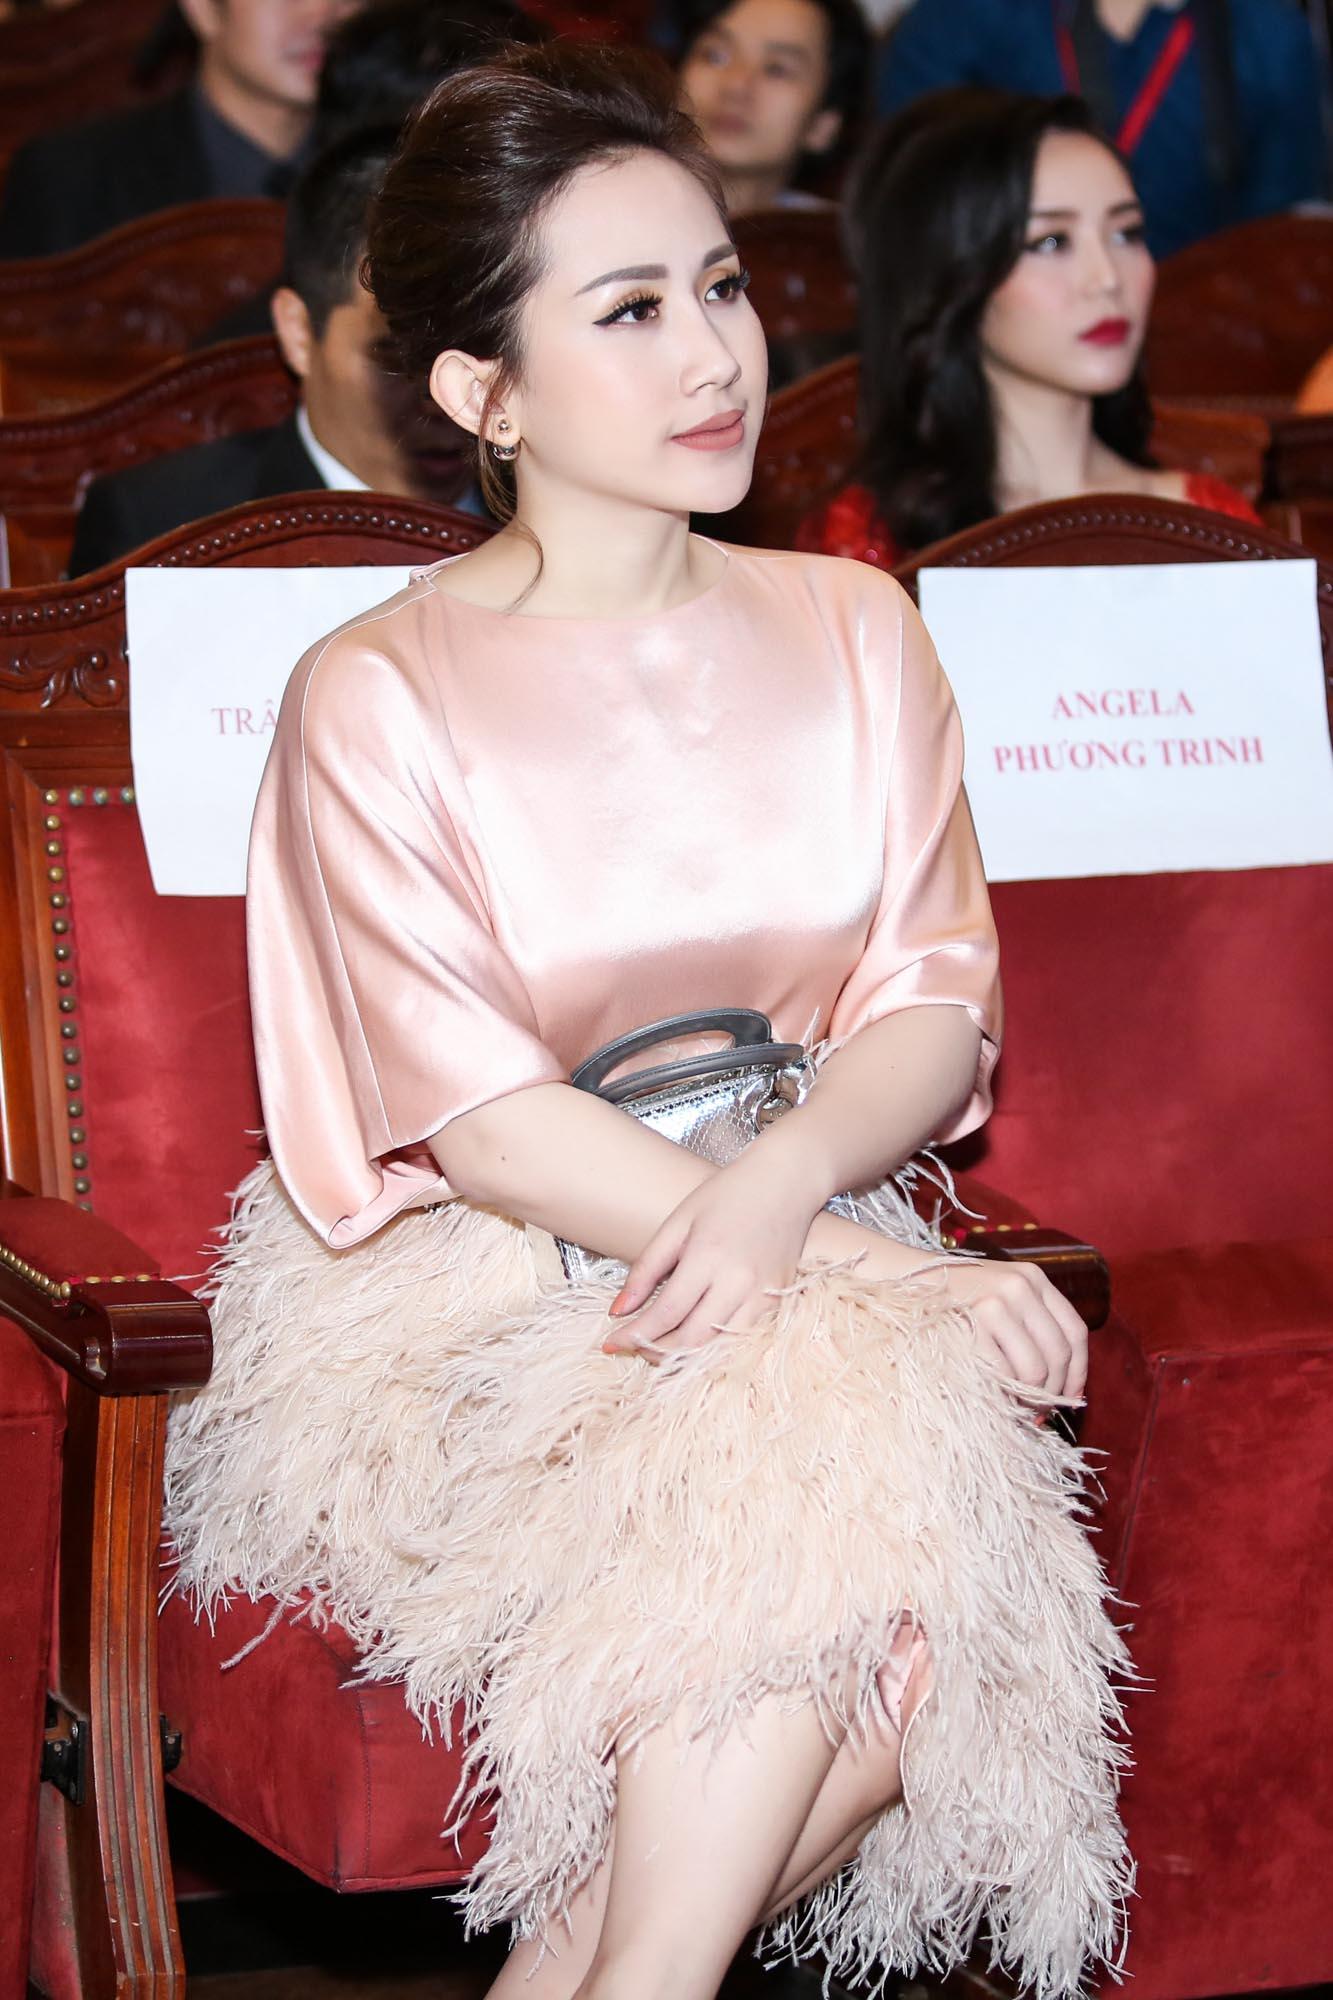 Fashionista Trâm Nguyễn - elle việt nam 6